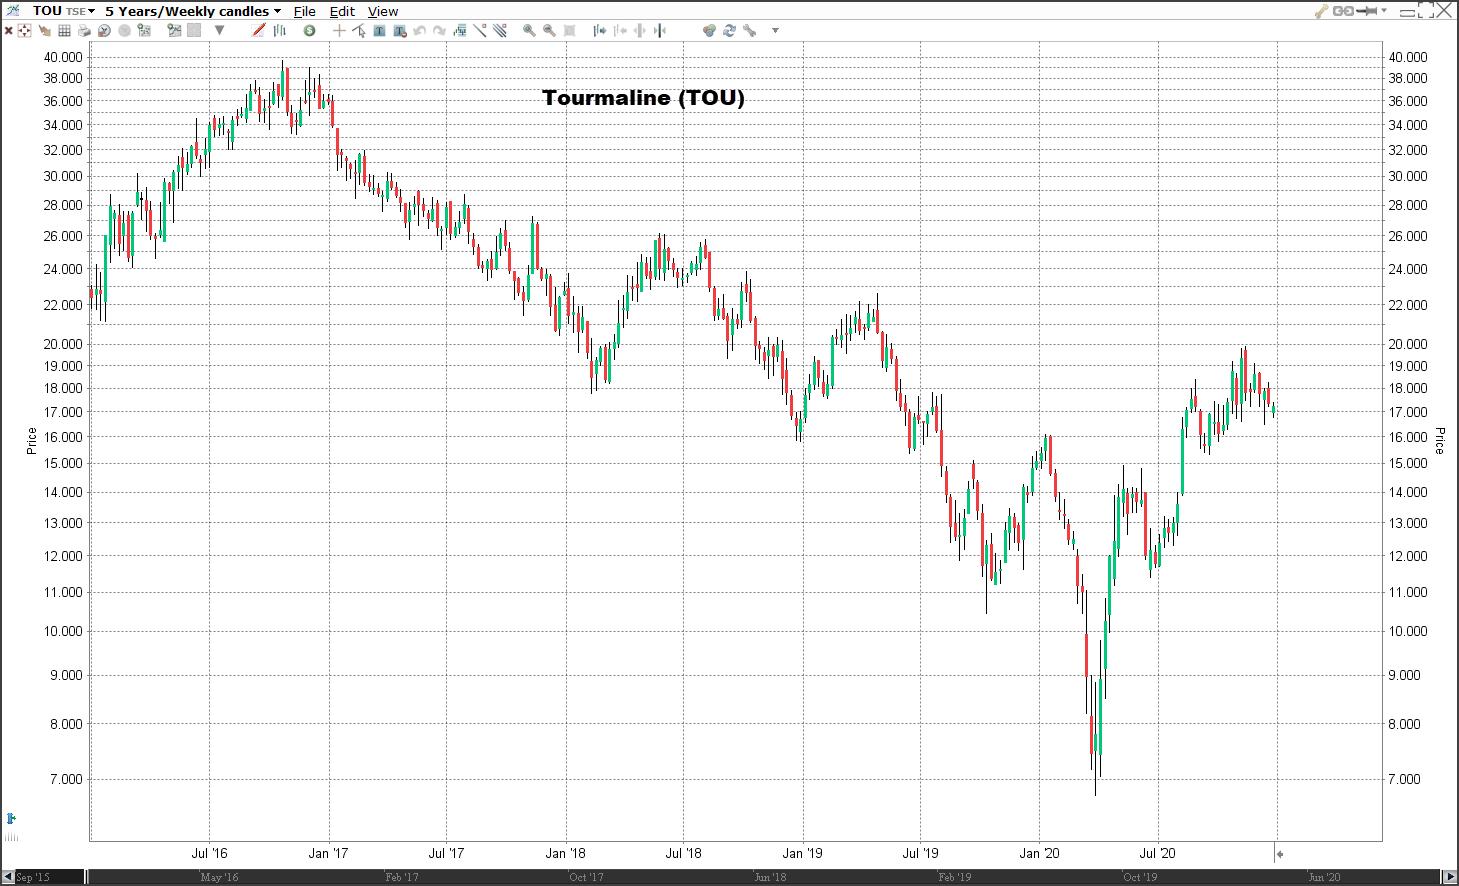 Aandeel Tourmaline koers | Welke aandelen kopen 2021?